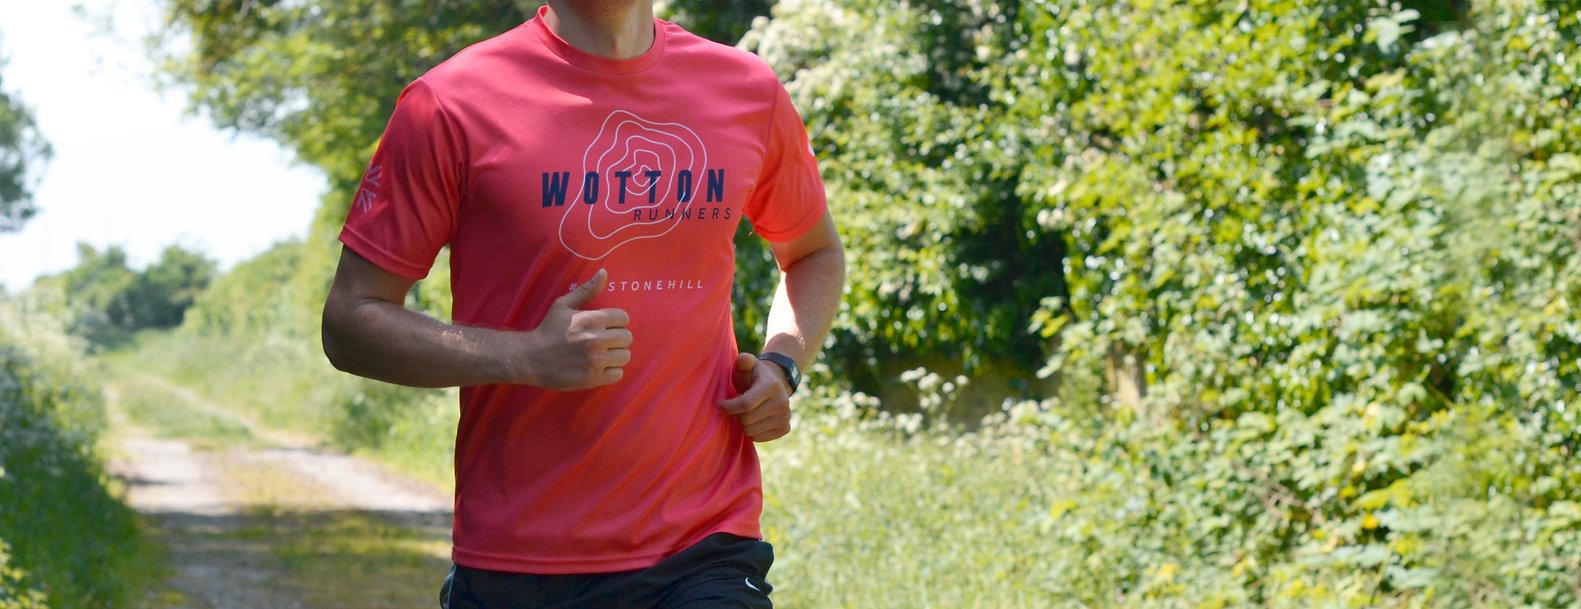 Wotton Runner 7.jpg